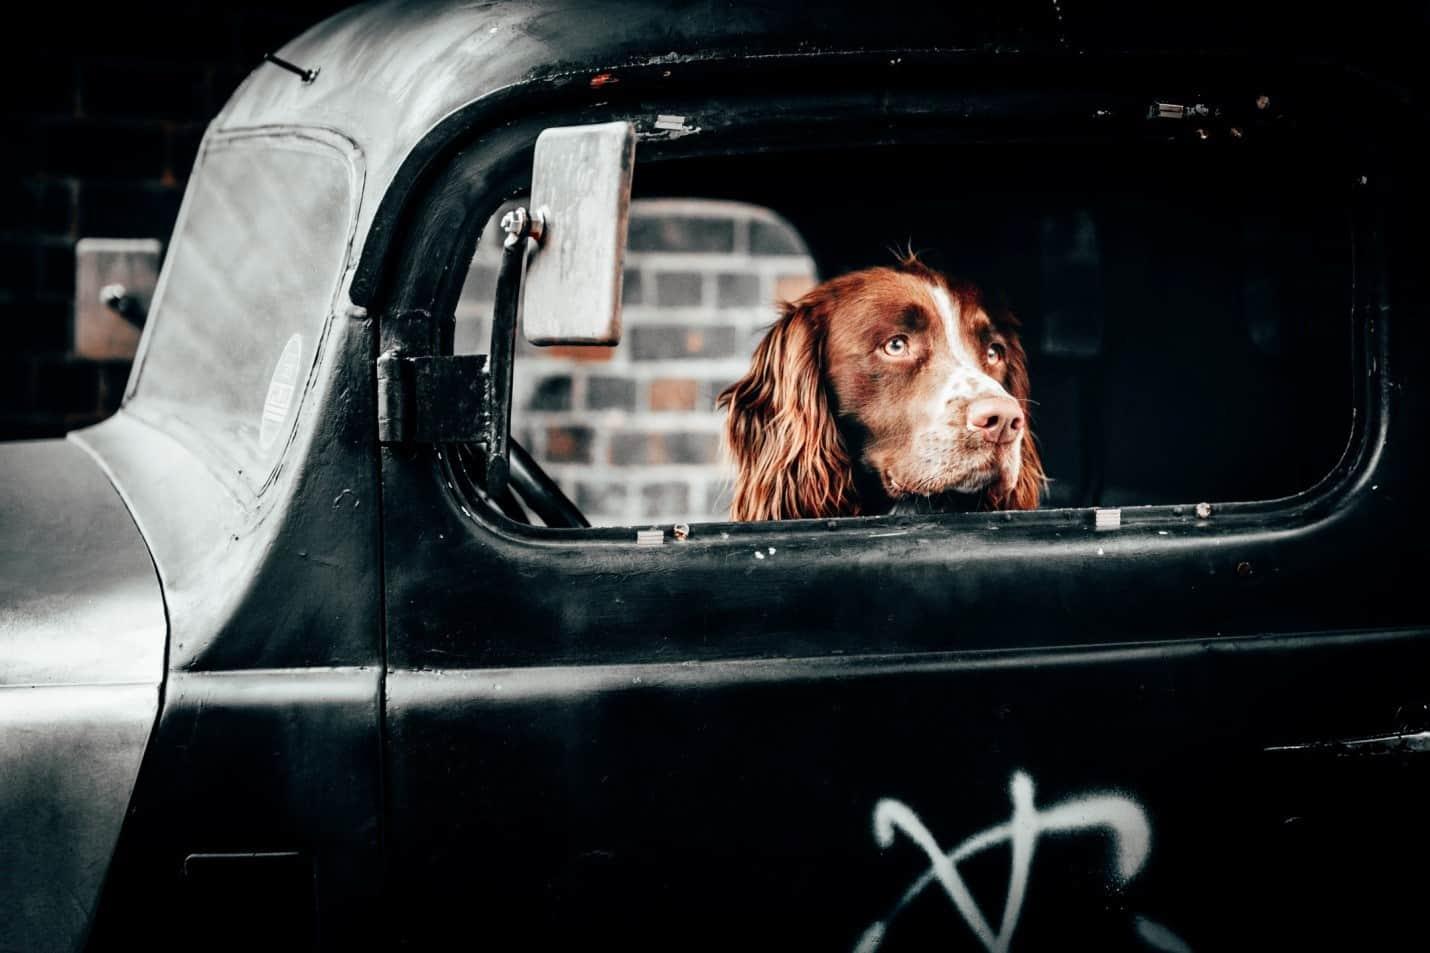 a dog in a car